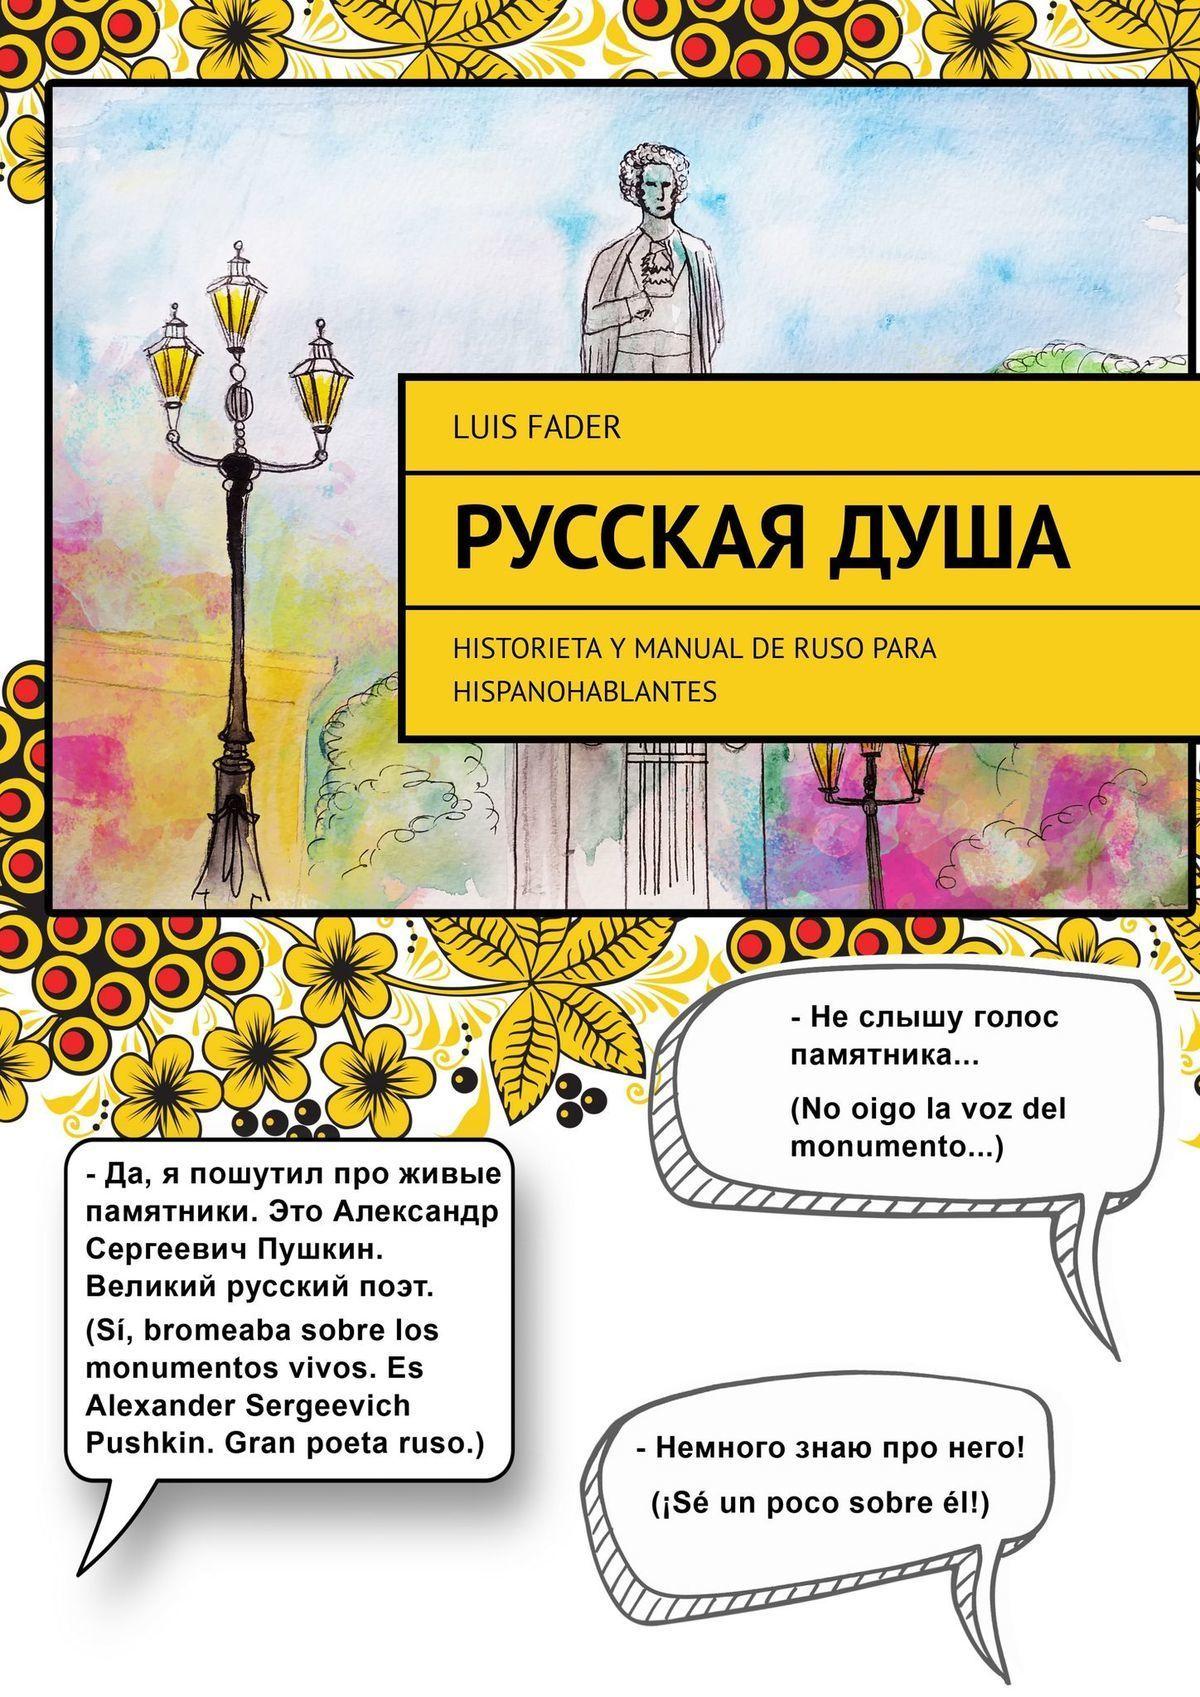 Русскаядуша. Historieta y manual de ruso para hispanohablantes